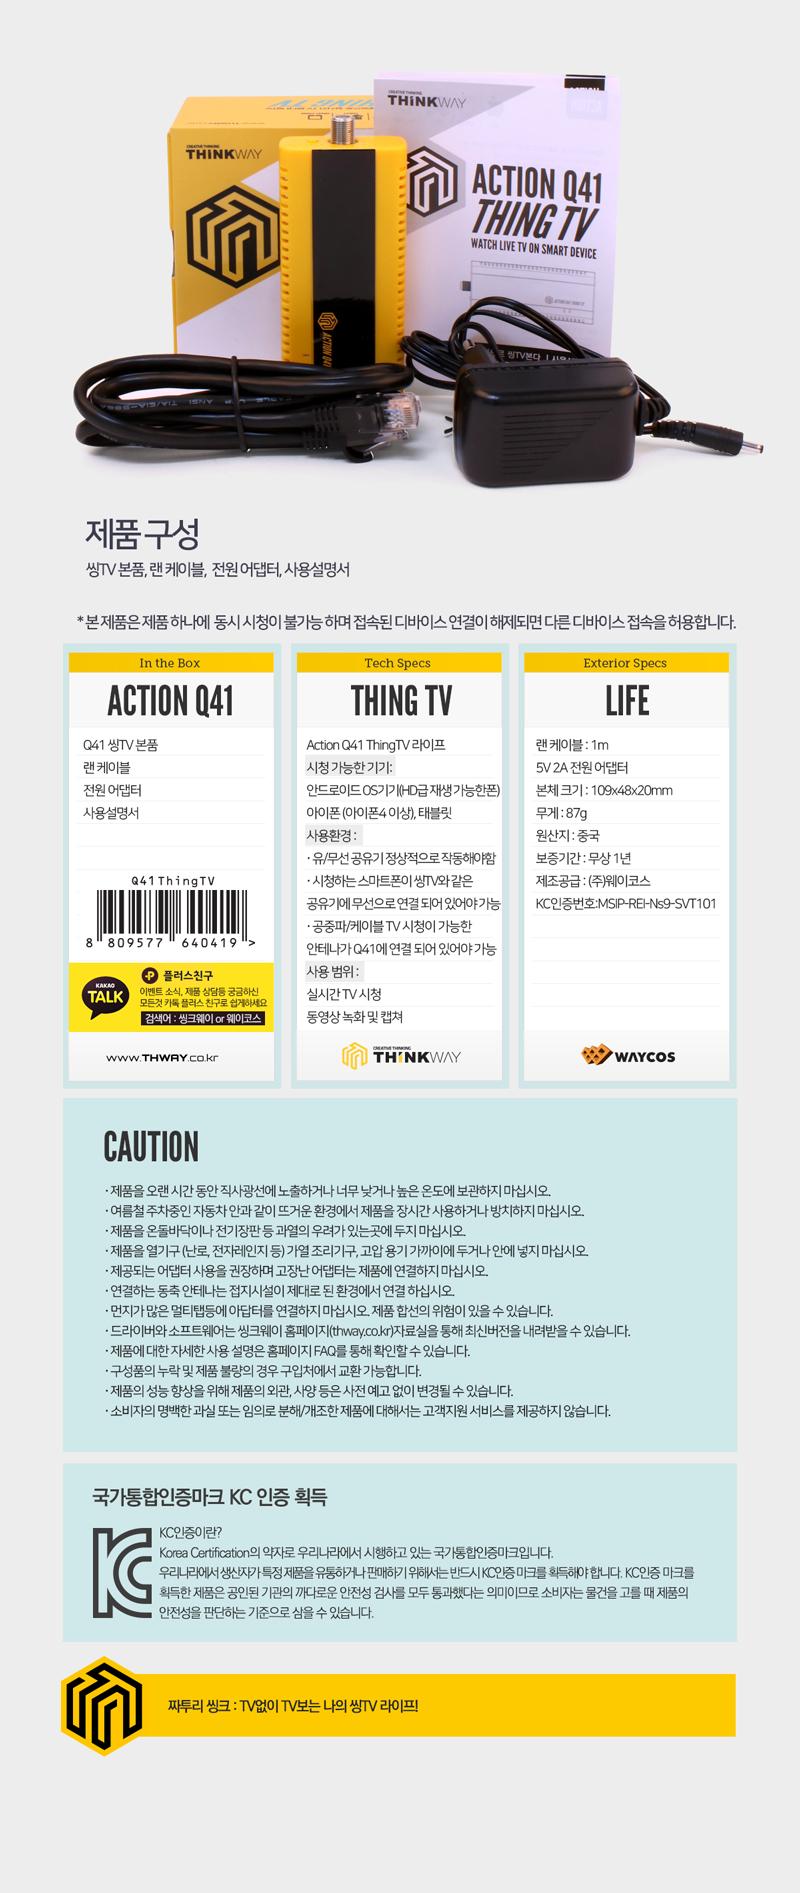 웨이코스 씽크웨이 Action Q41 씽TV 라이프